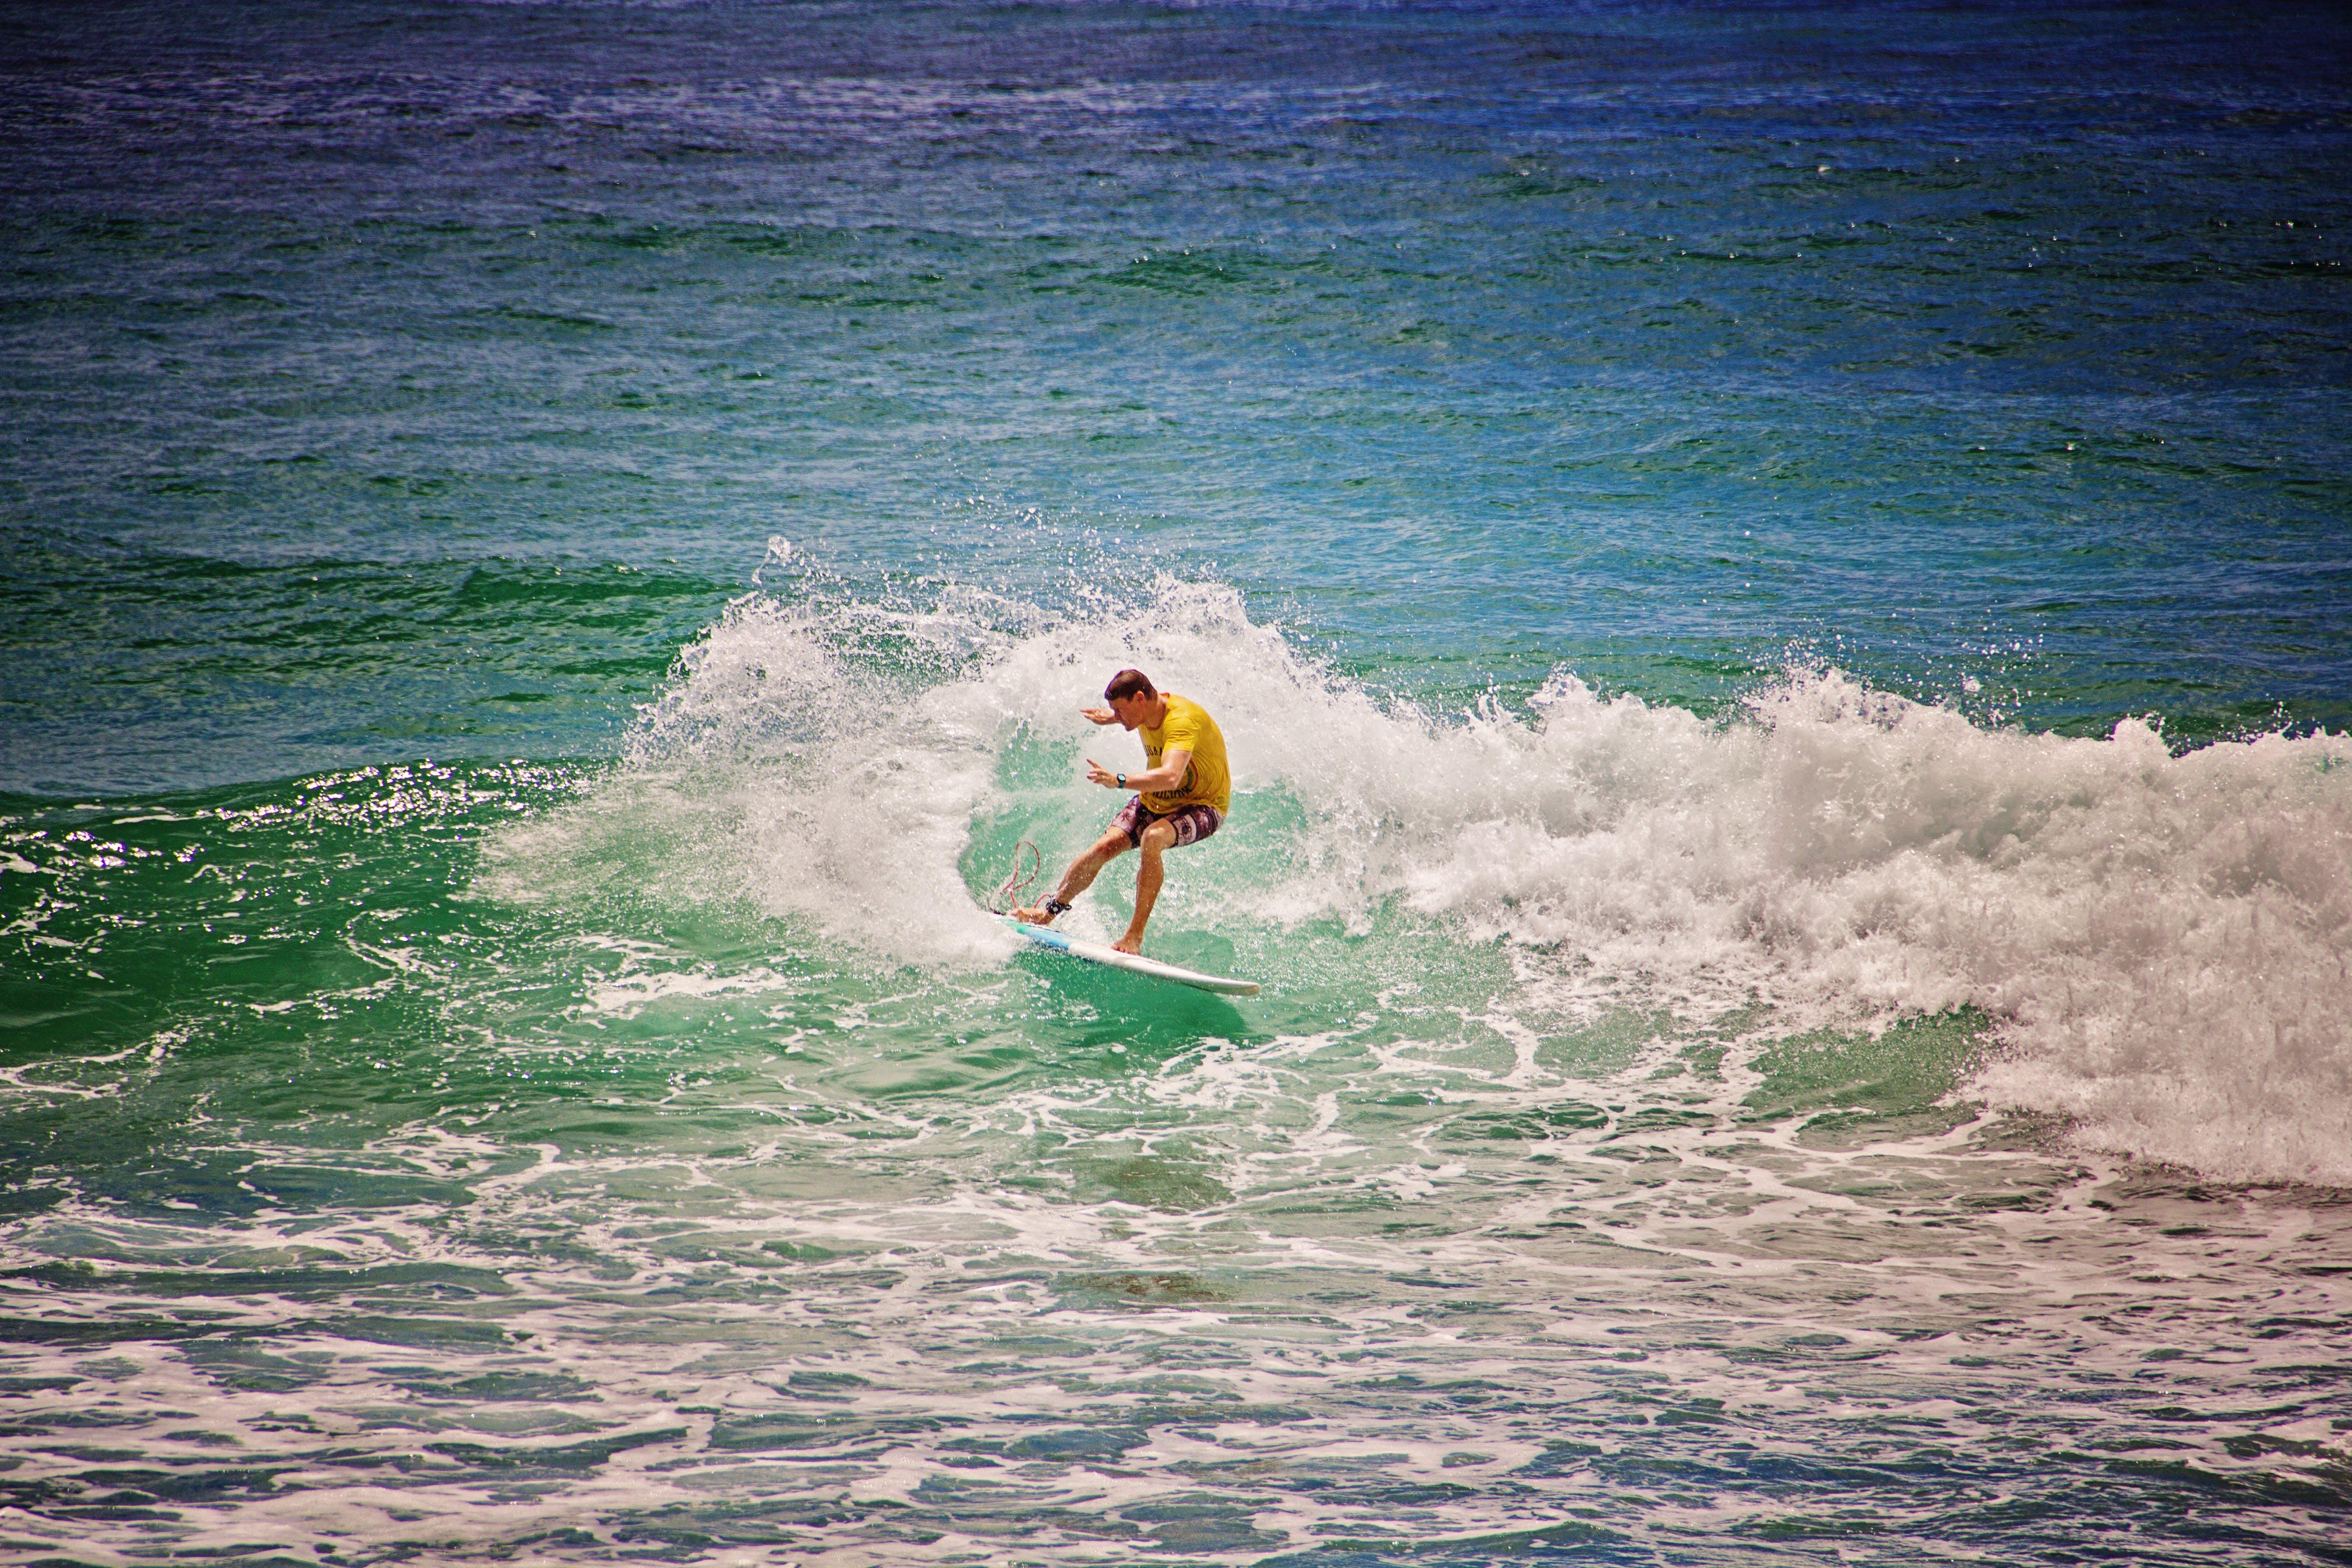 Gratis lagerfoto af bevægelse, bølger, dagtimer, handling